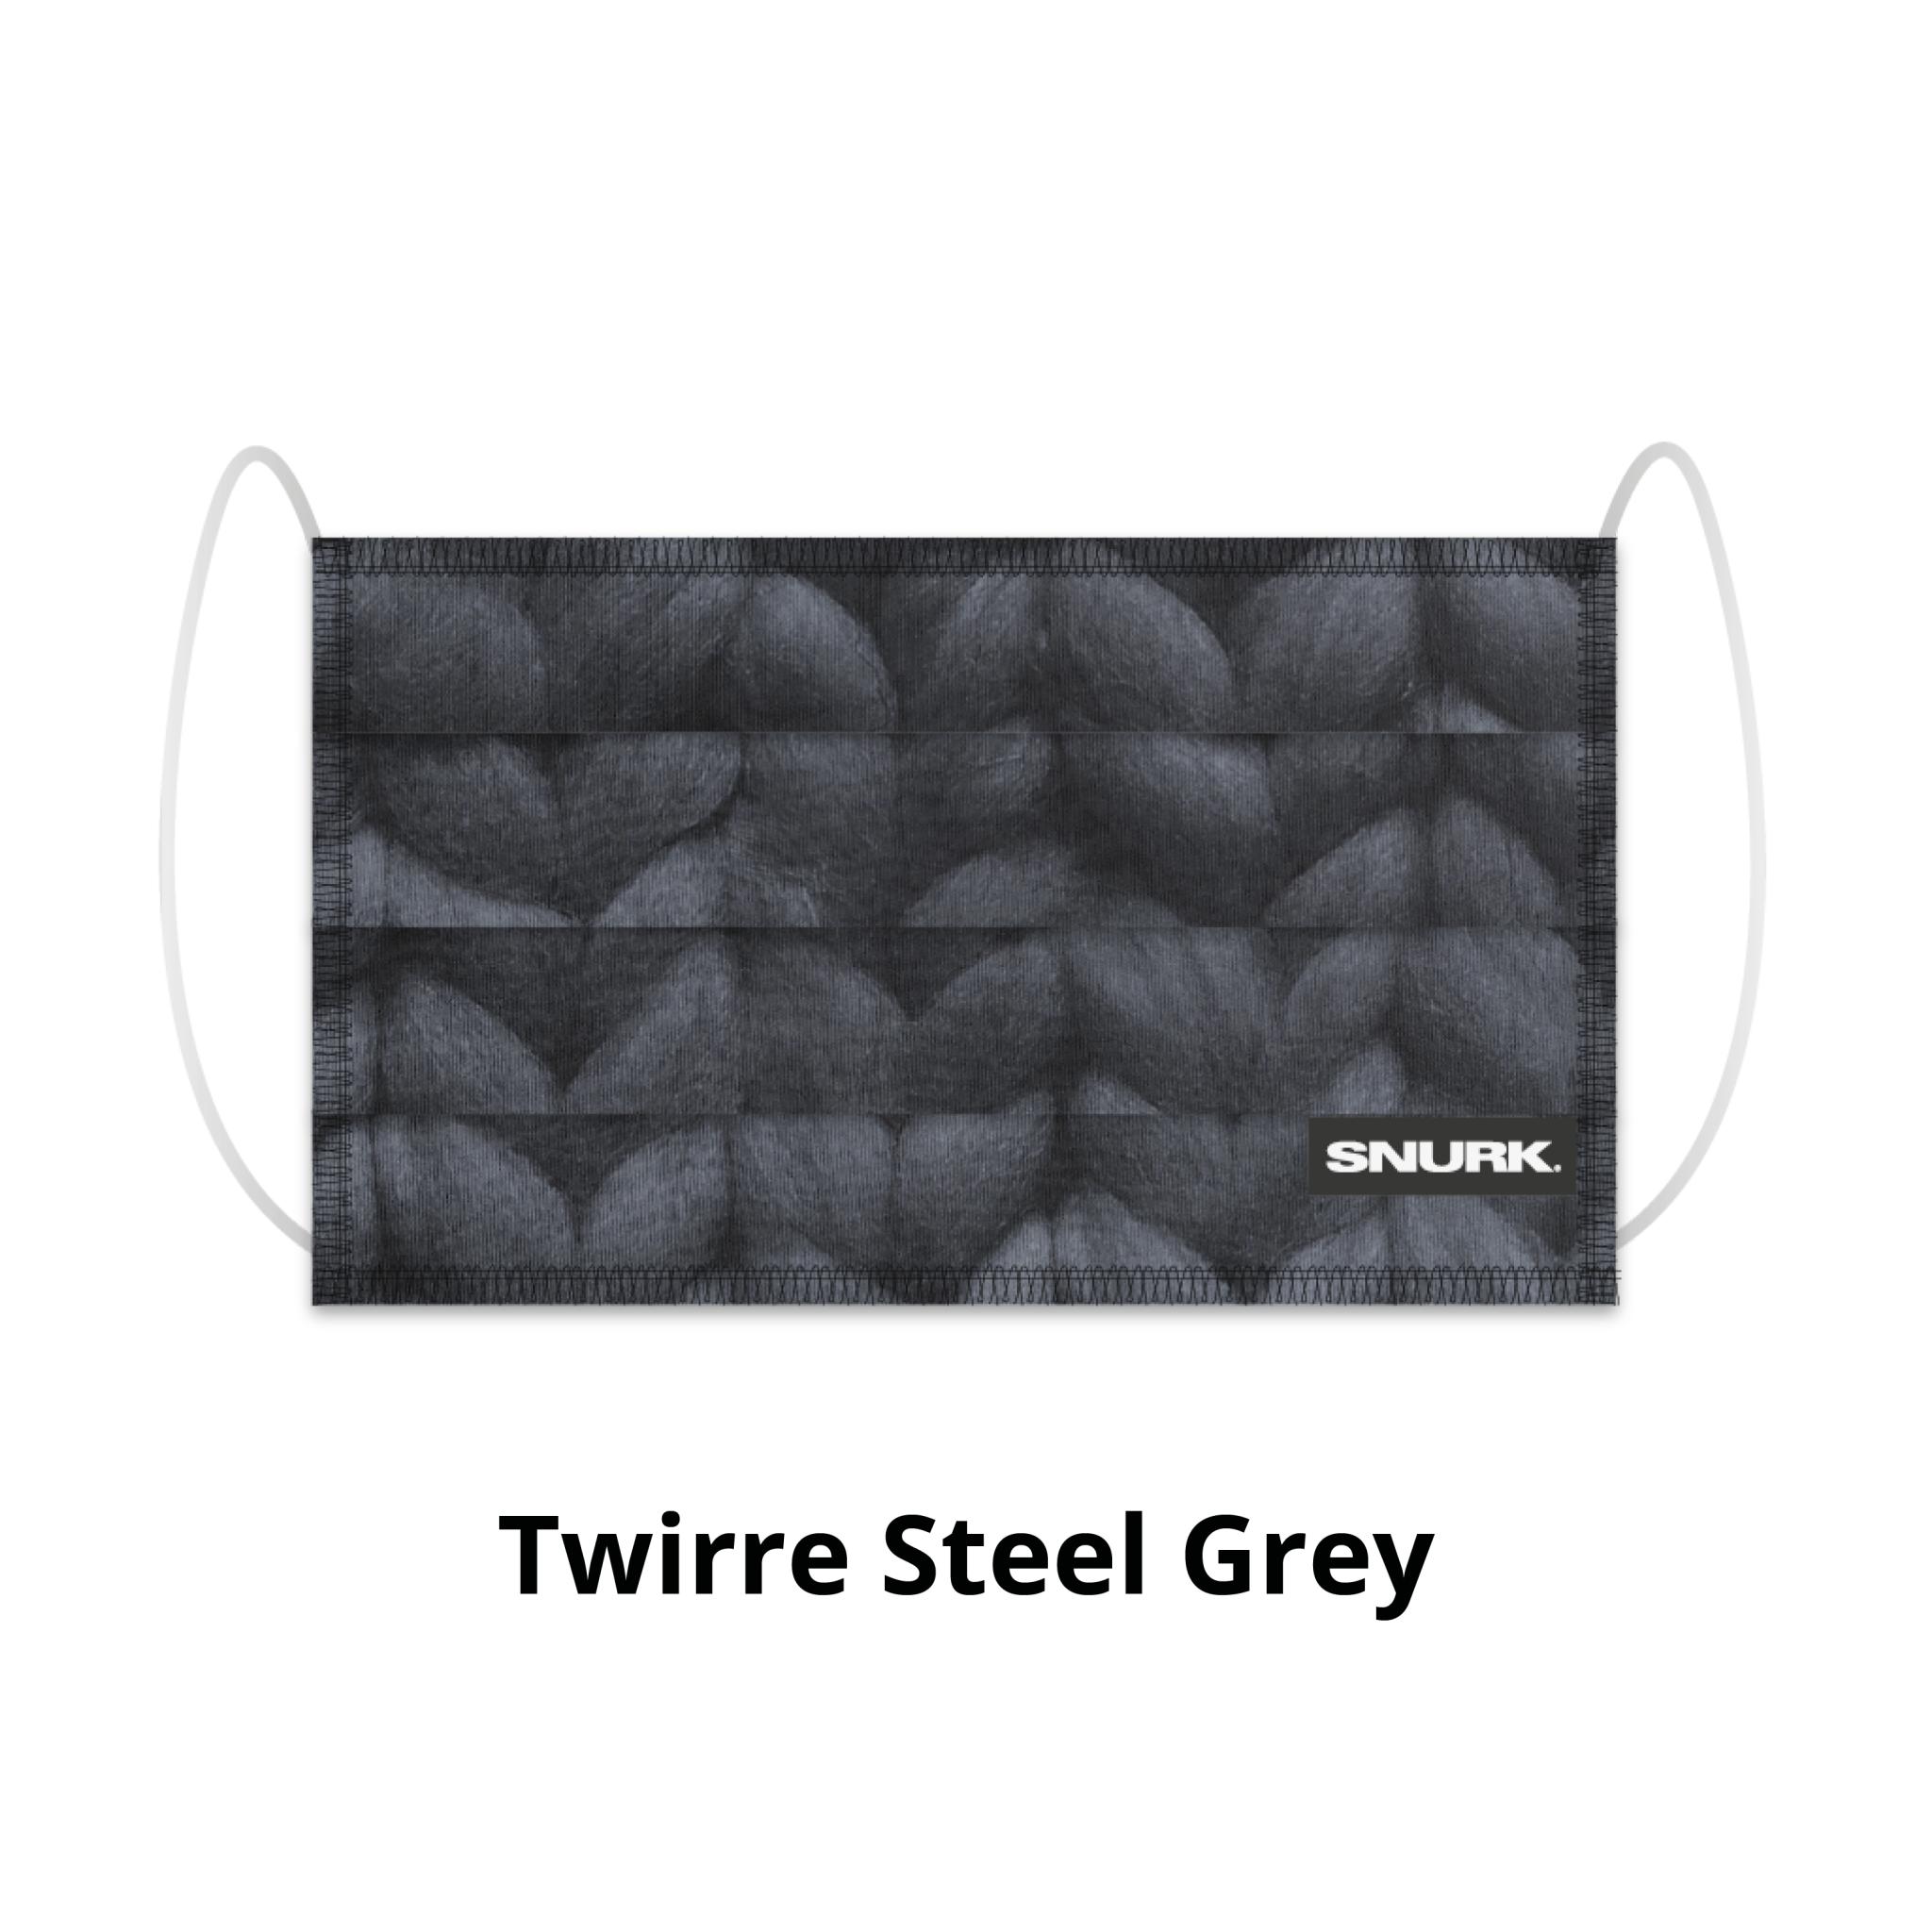 Snurk Bedding Mouth mask Snurk - Twirre steel grey